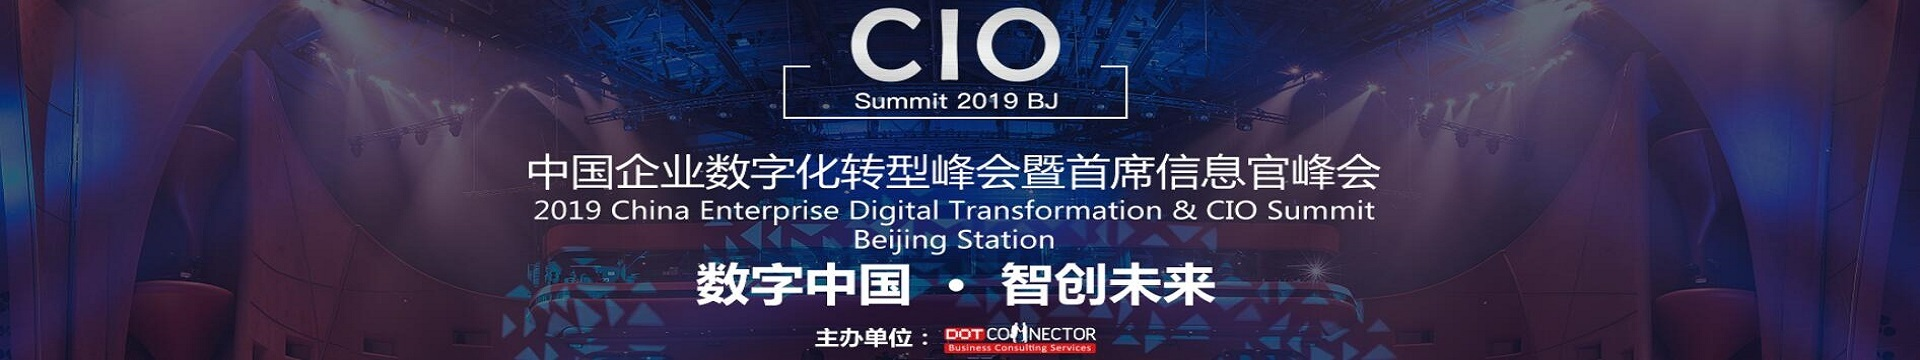 2019中國企業數字化轉型峰會暨首席信息官峰會北京站